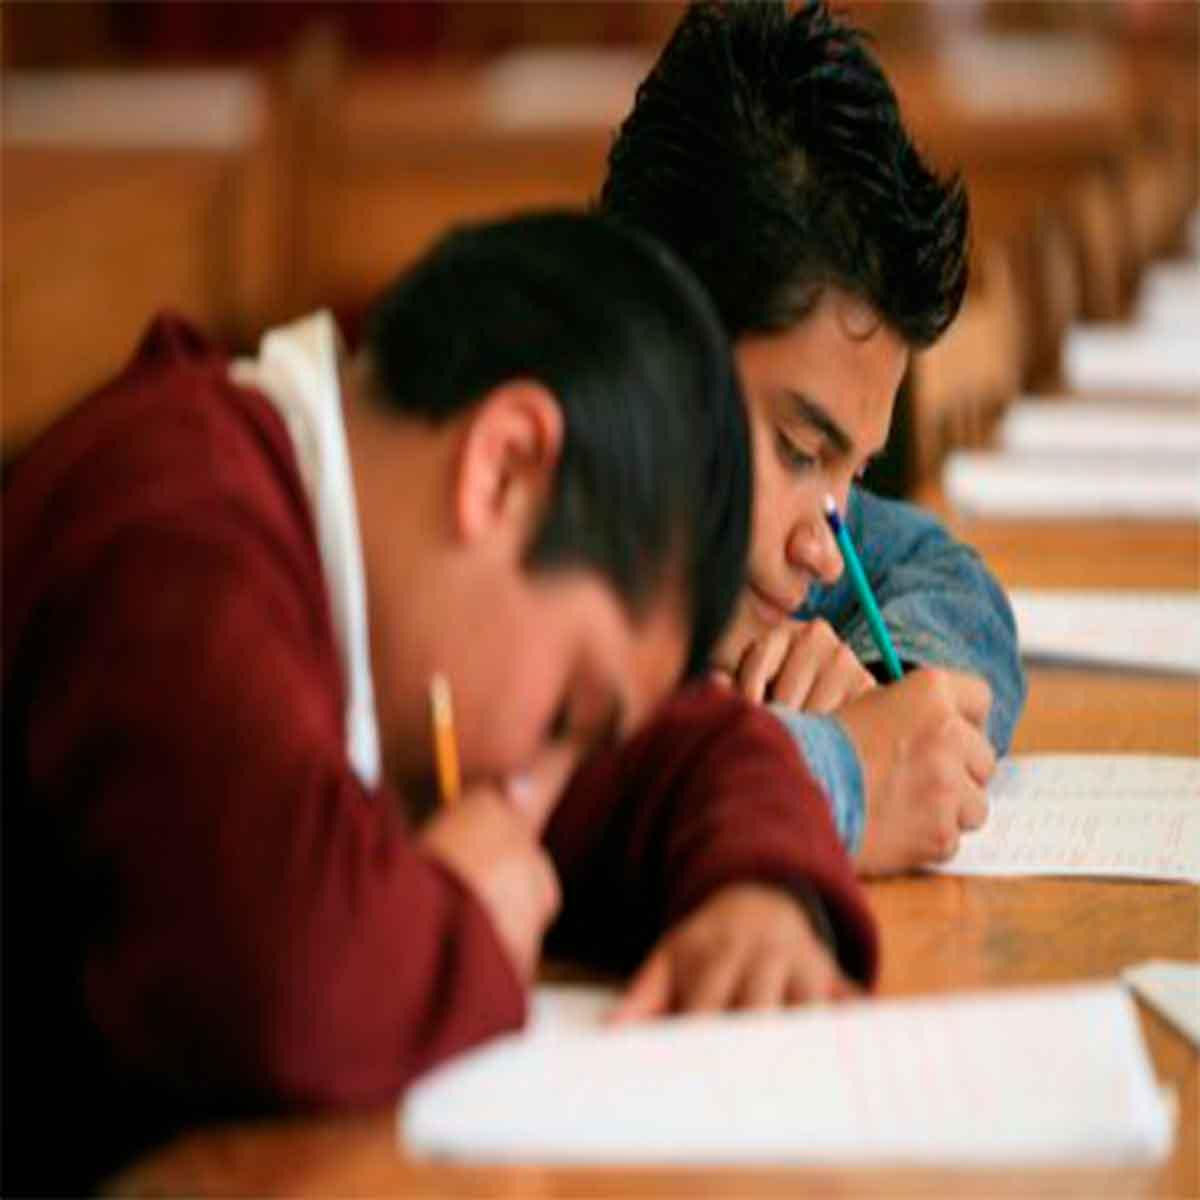 Regreso a clases: Aplicarán pruebas Covid-19 a los alumnos en Edomex